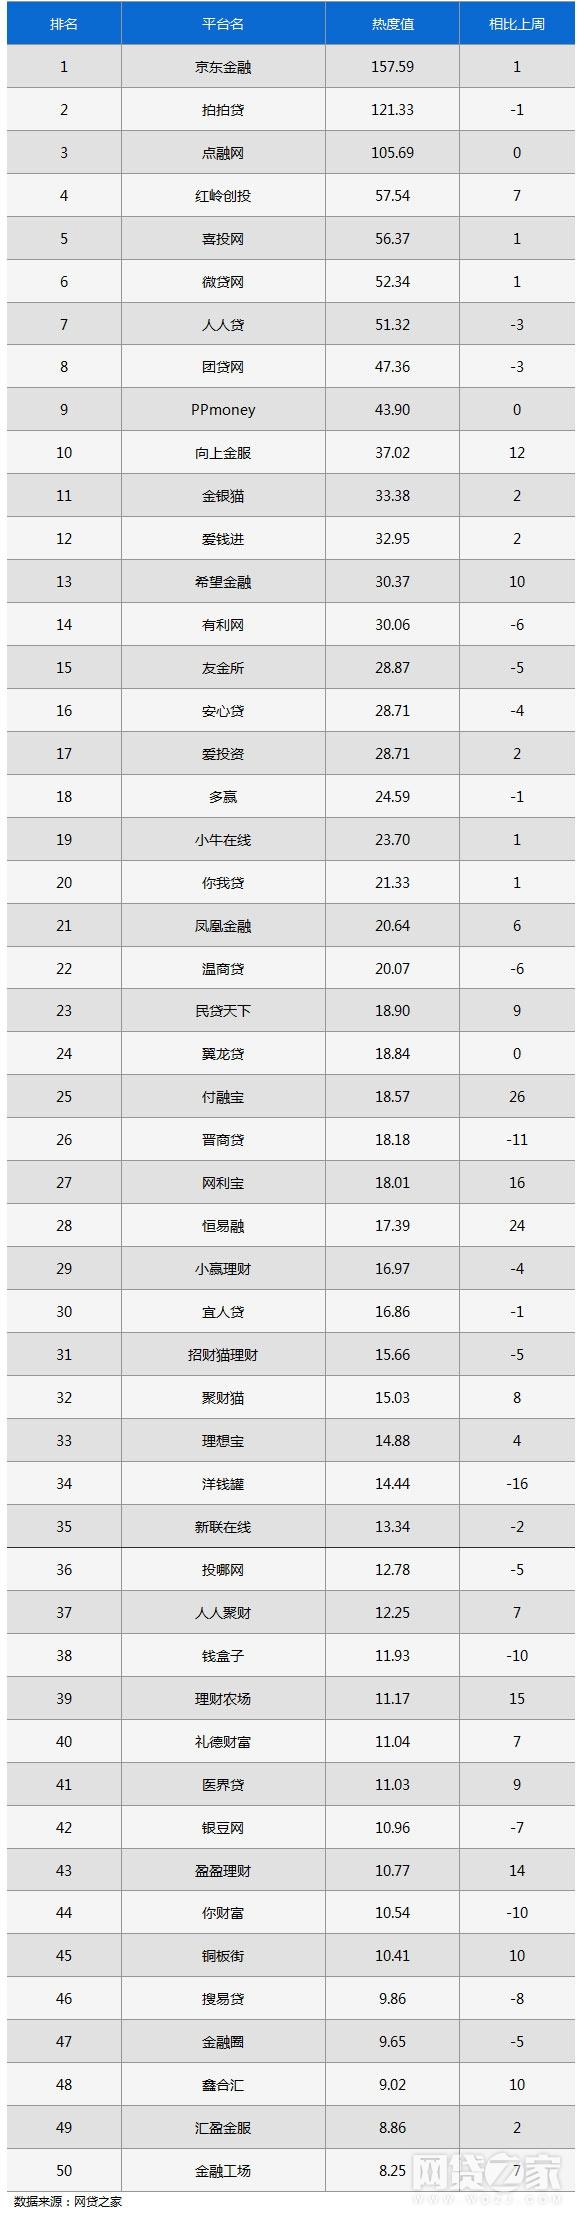 P2P微信公众号巅峰榜